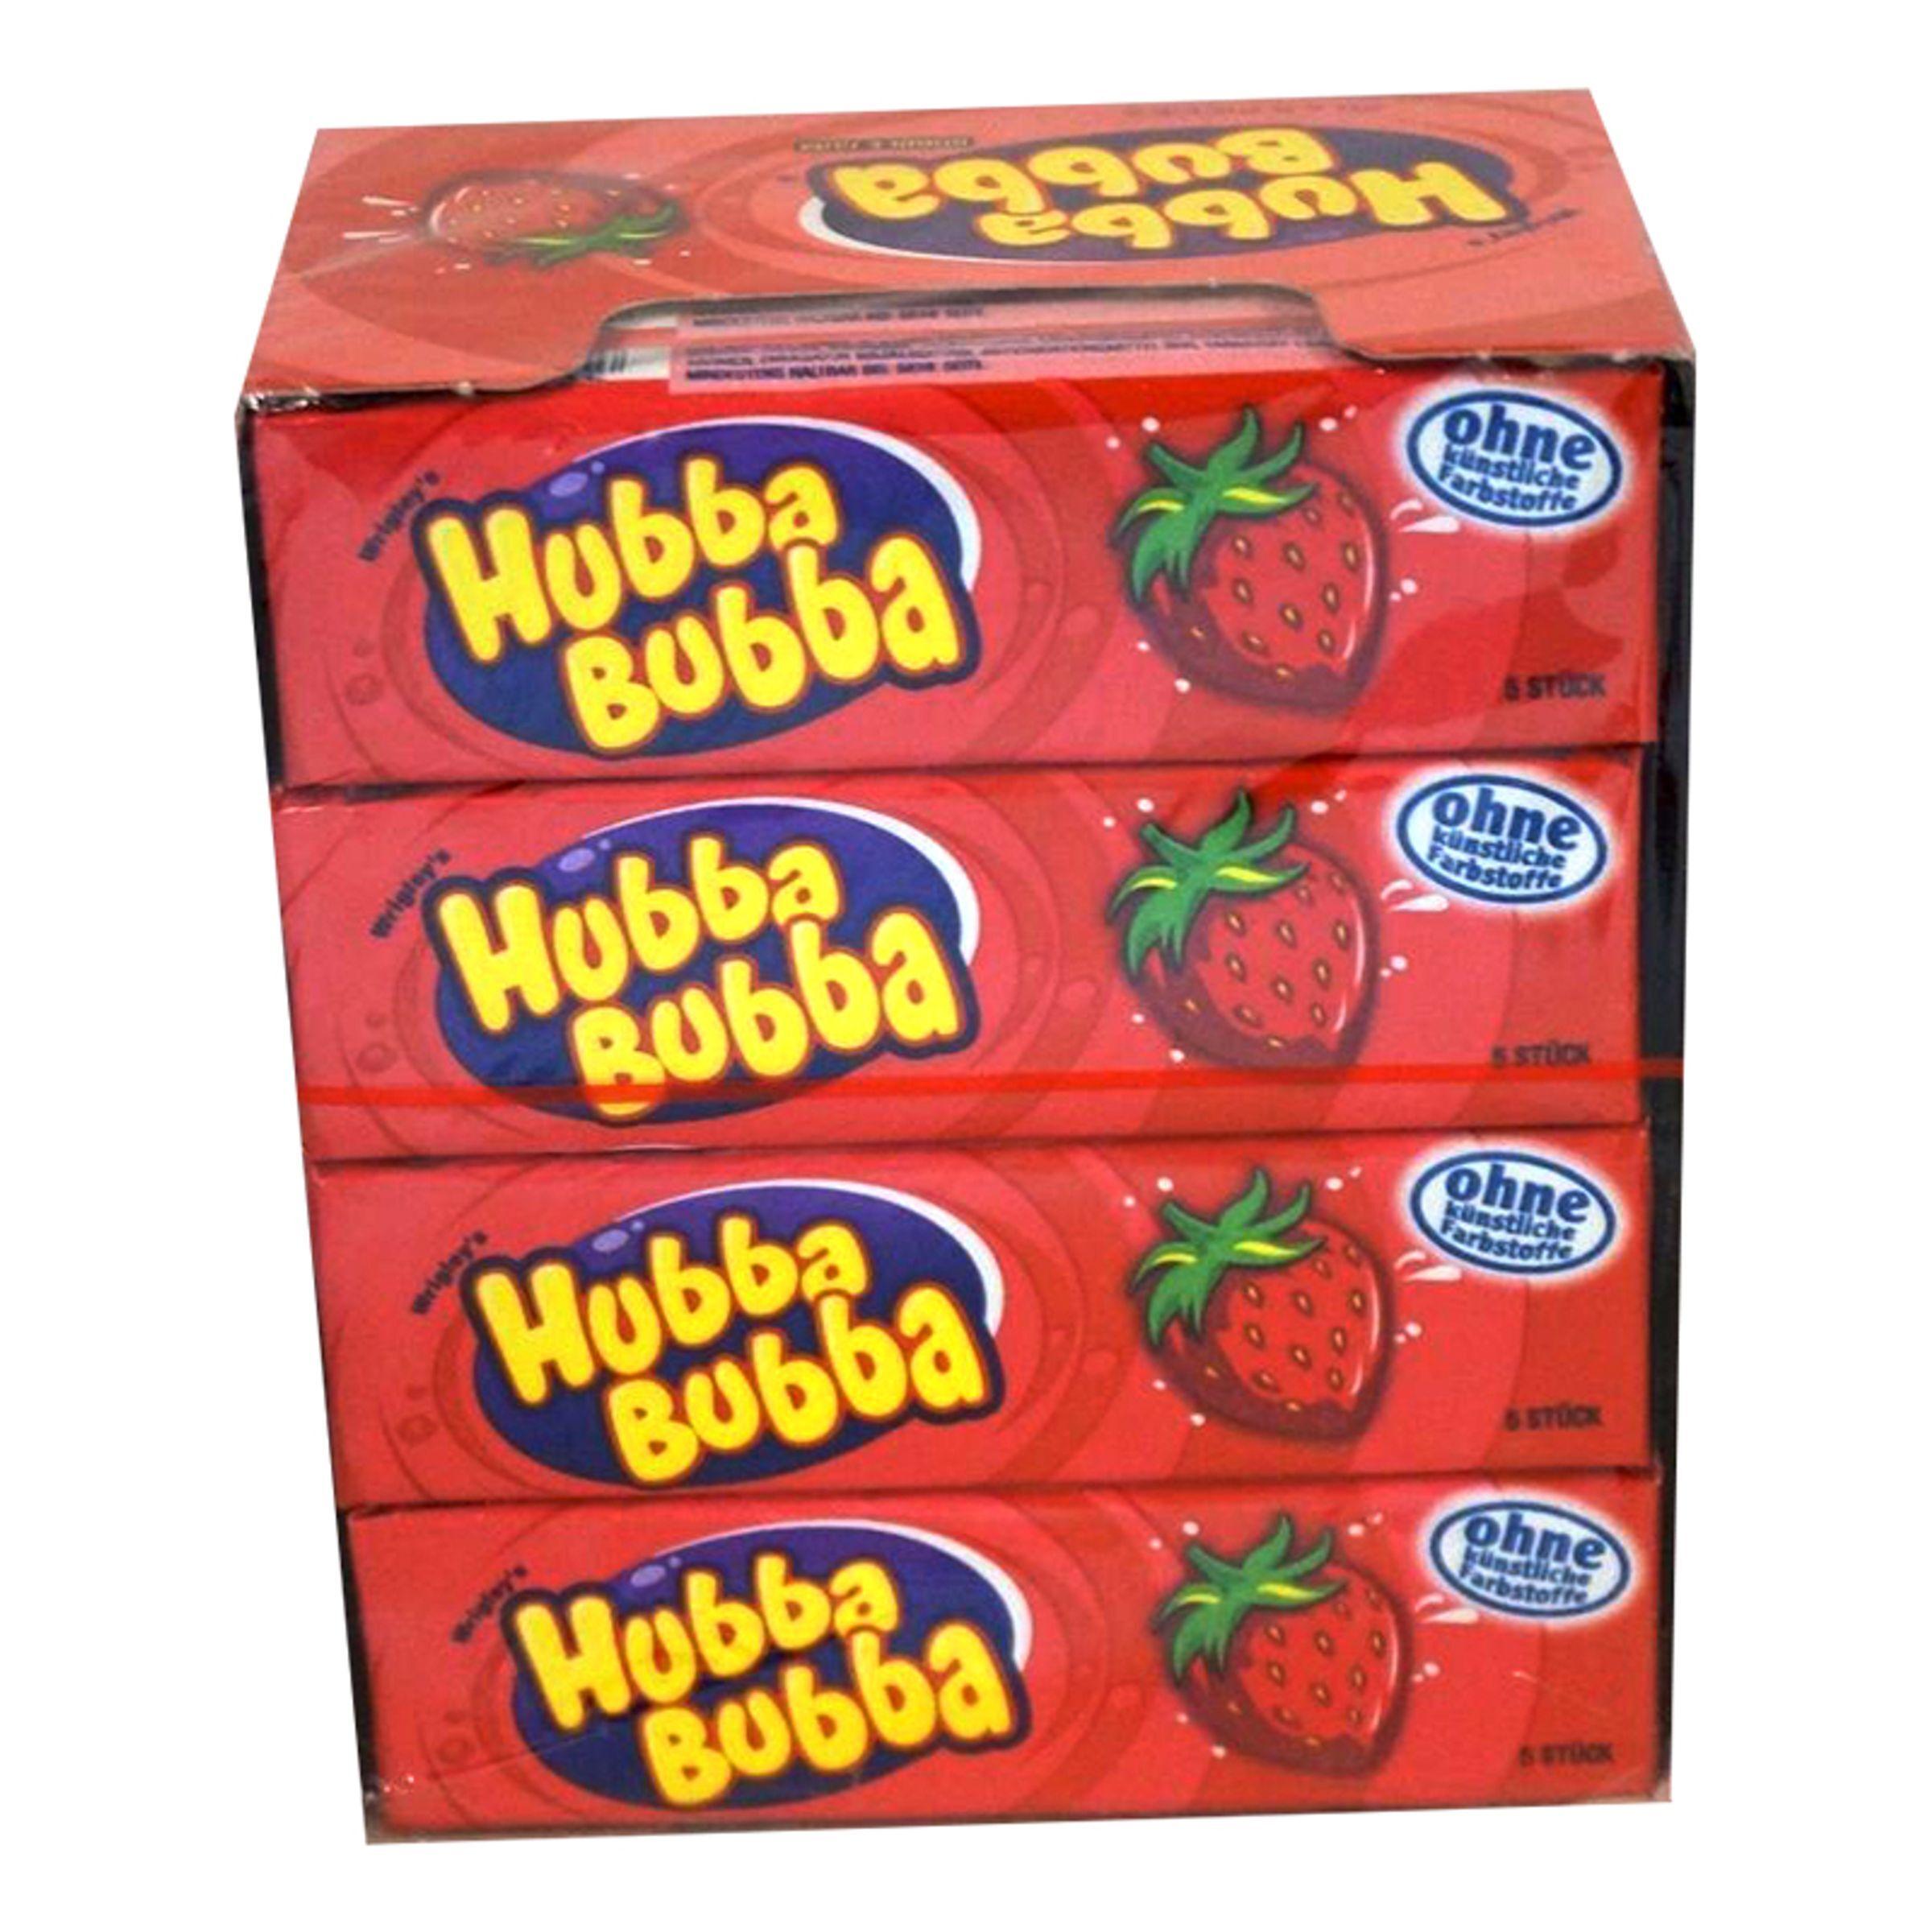 ERT Godis Hubba Hubba Jordbær - 20-pak